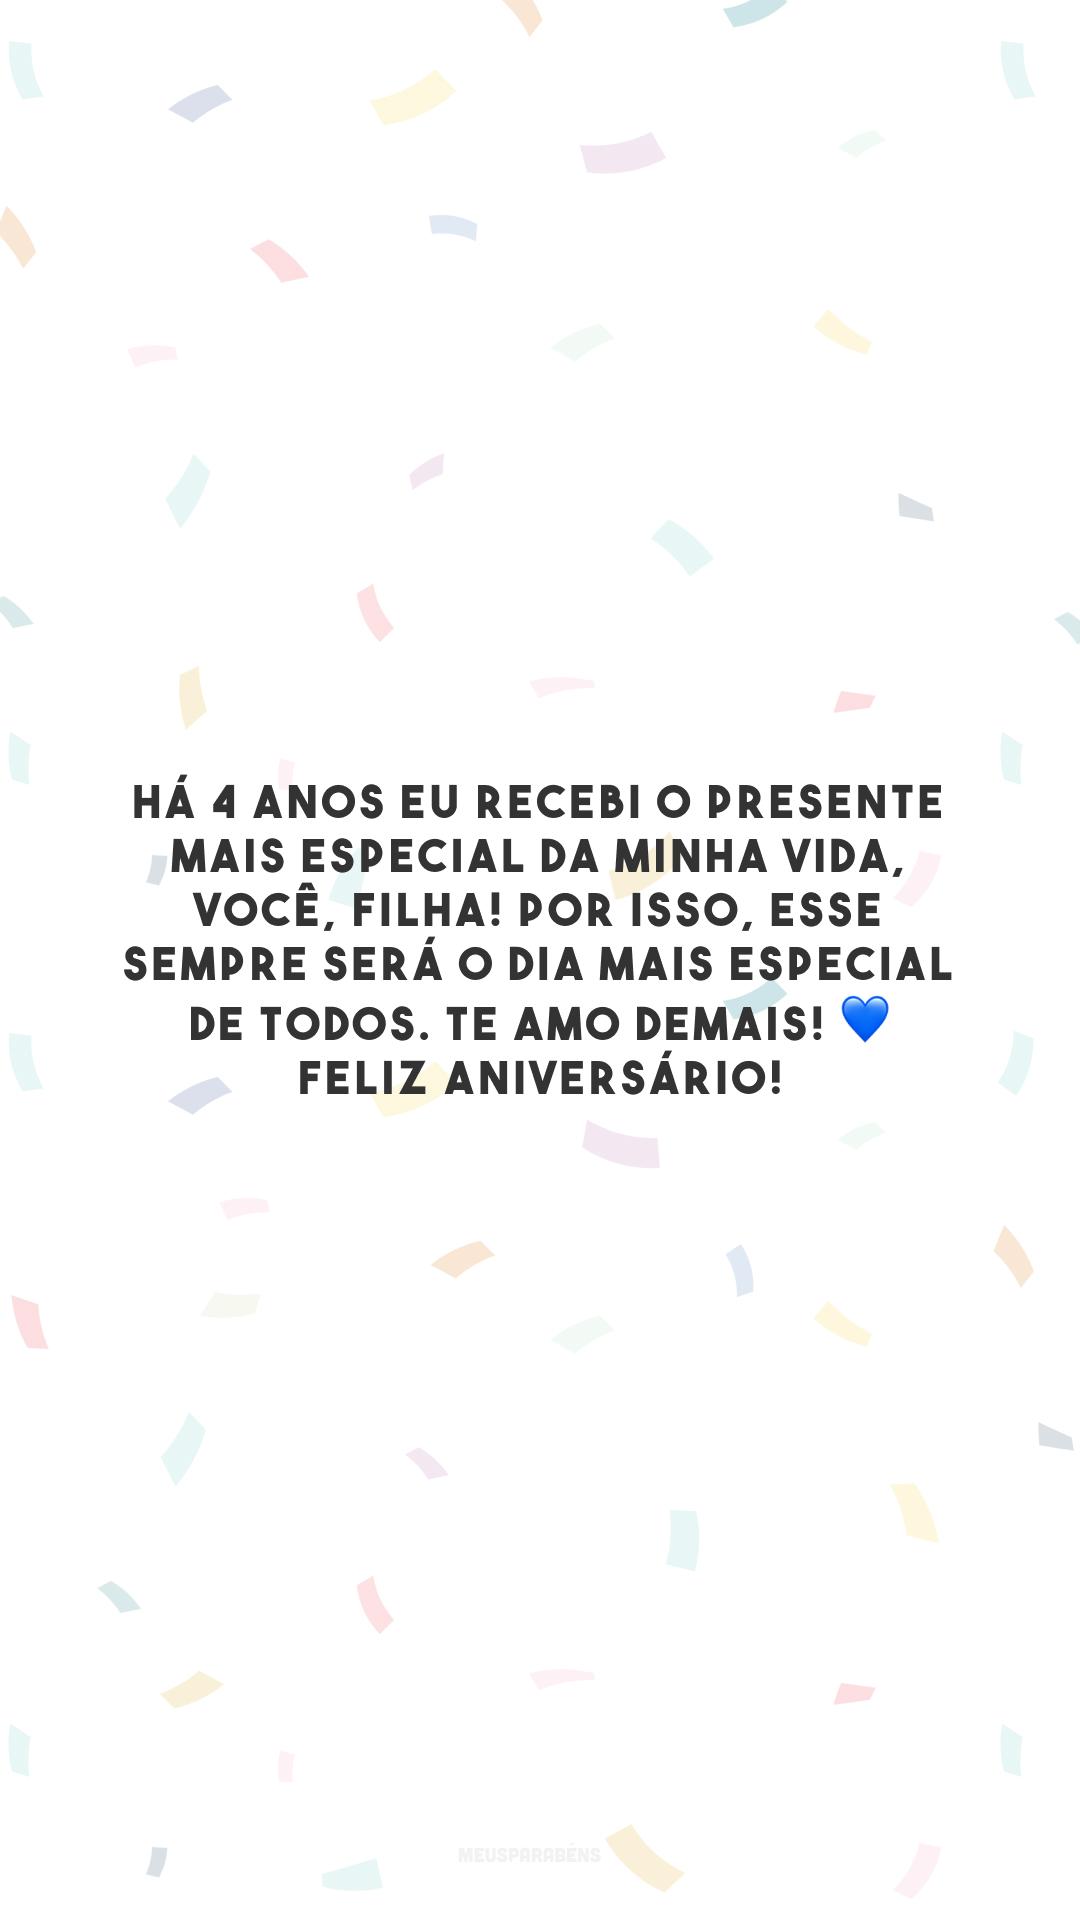 Há 4 anos eu recebi o presente mais especial da minha vida, você, filha! Por isso, esse sempre será o dia mais especial de todos. Te amo demais! 💙 Feliz aniversário!